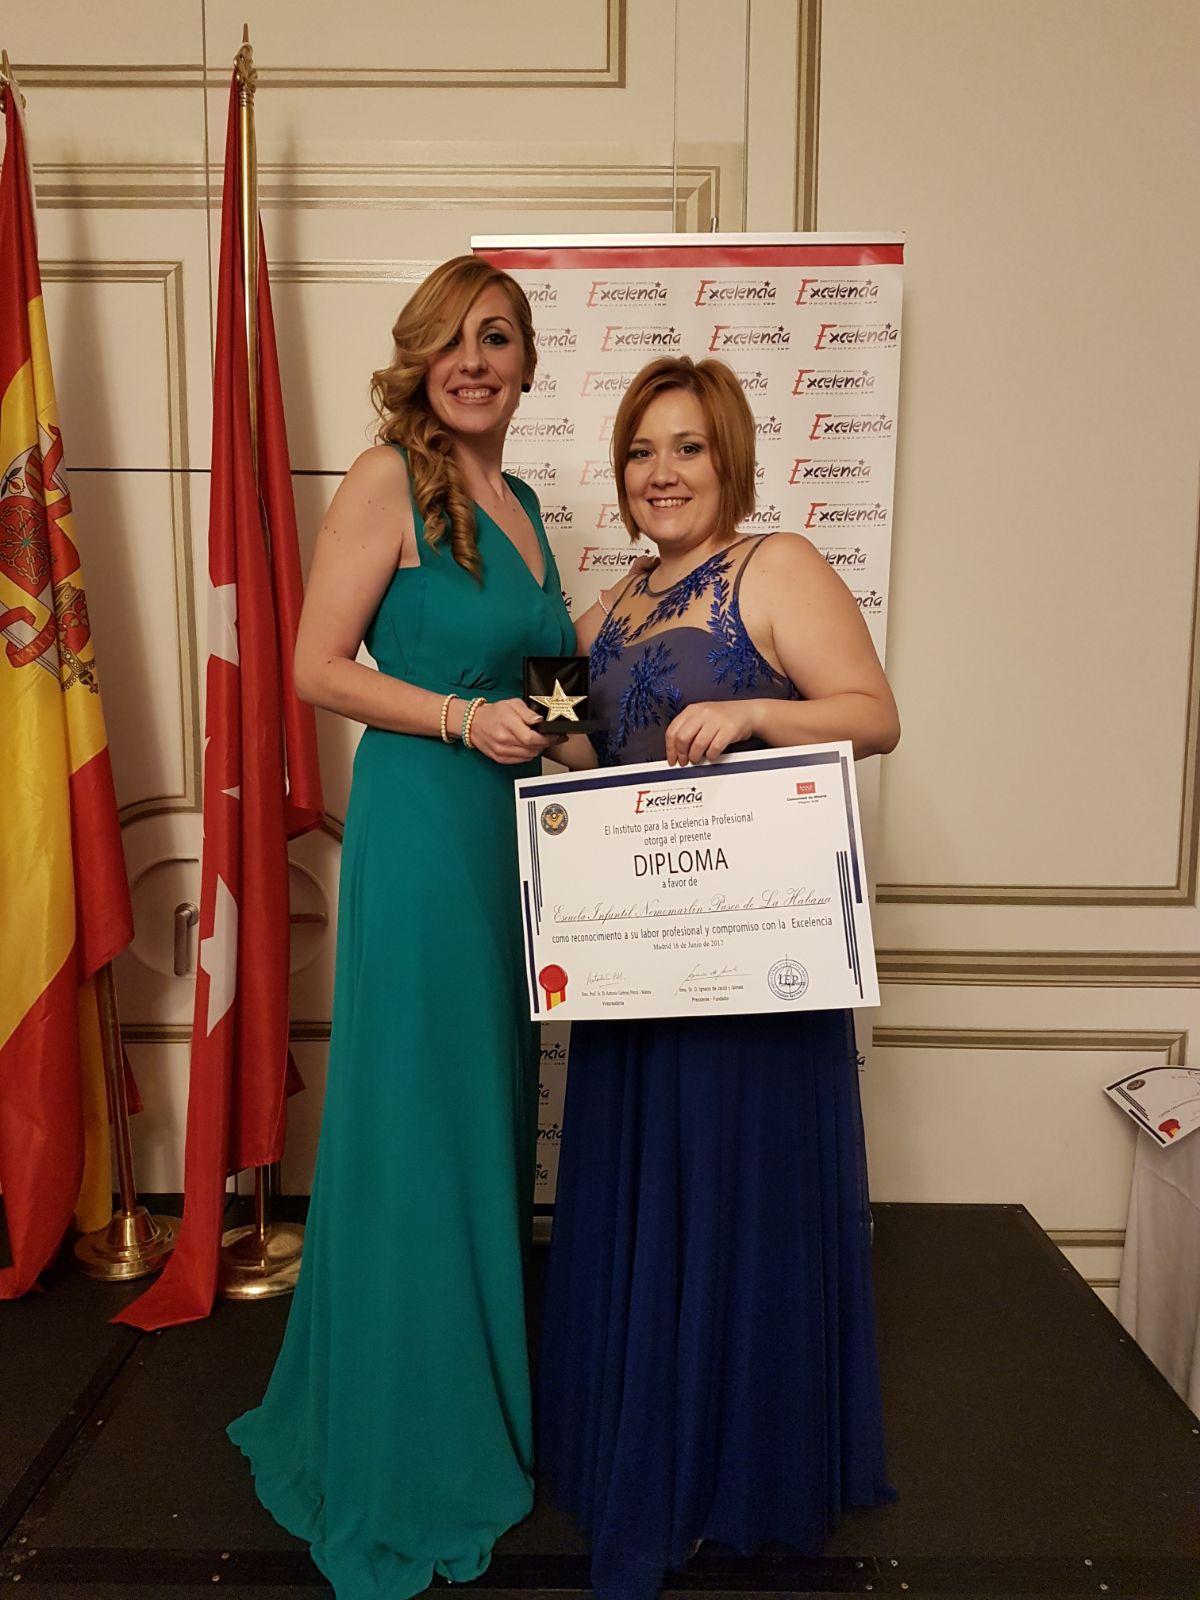 premios Estrella de Oro Nemomarlin Paseo de la Habana